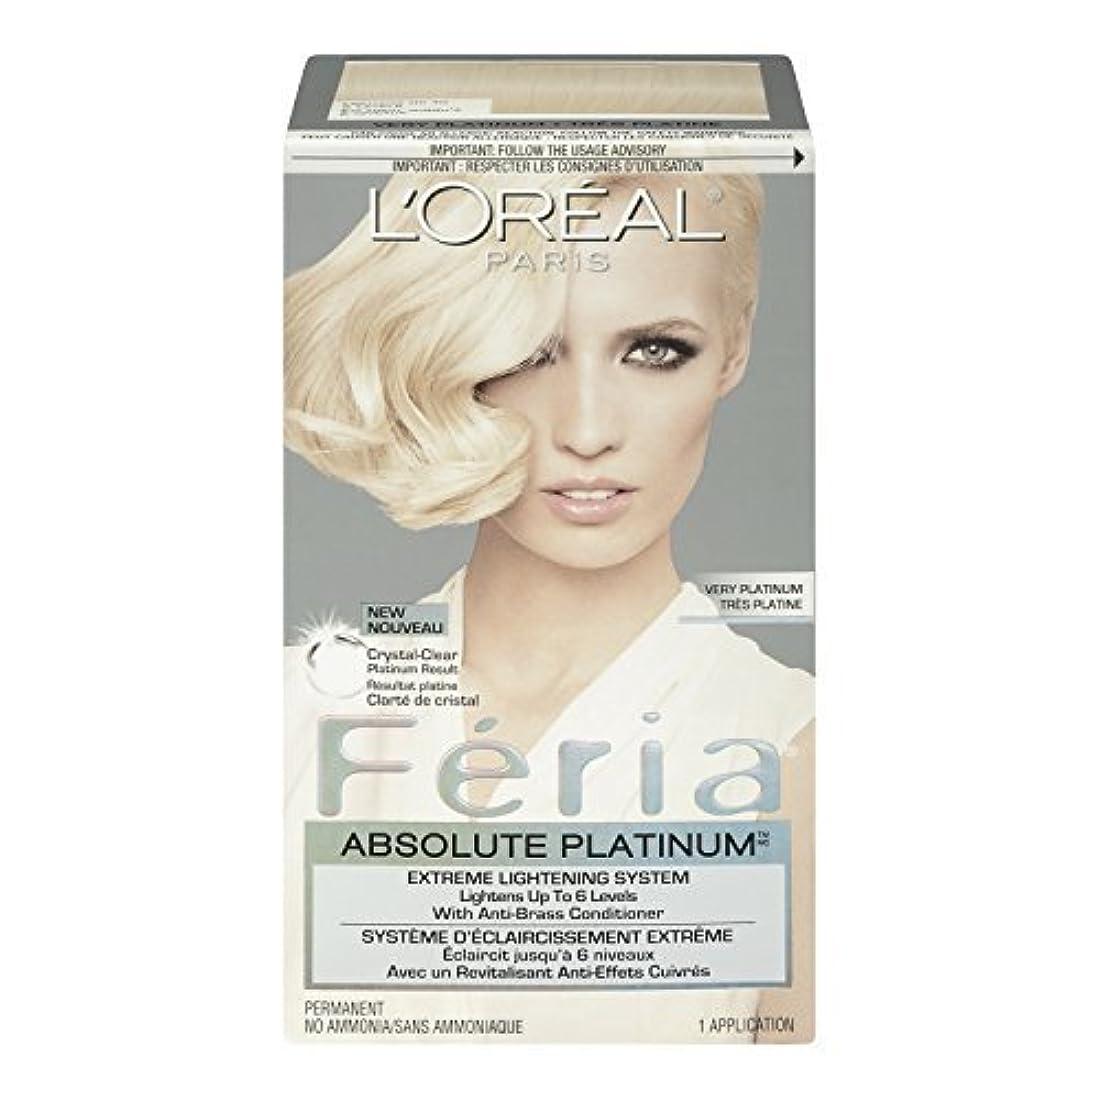 第二に情緒的ペナルティL'Oreal Feria Absolute Platinums Hair Color, Very Platinum by L'Oreal Paris Hair Color [並行輸入品]